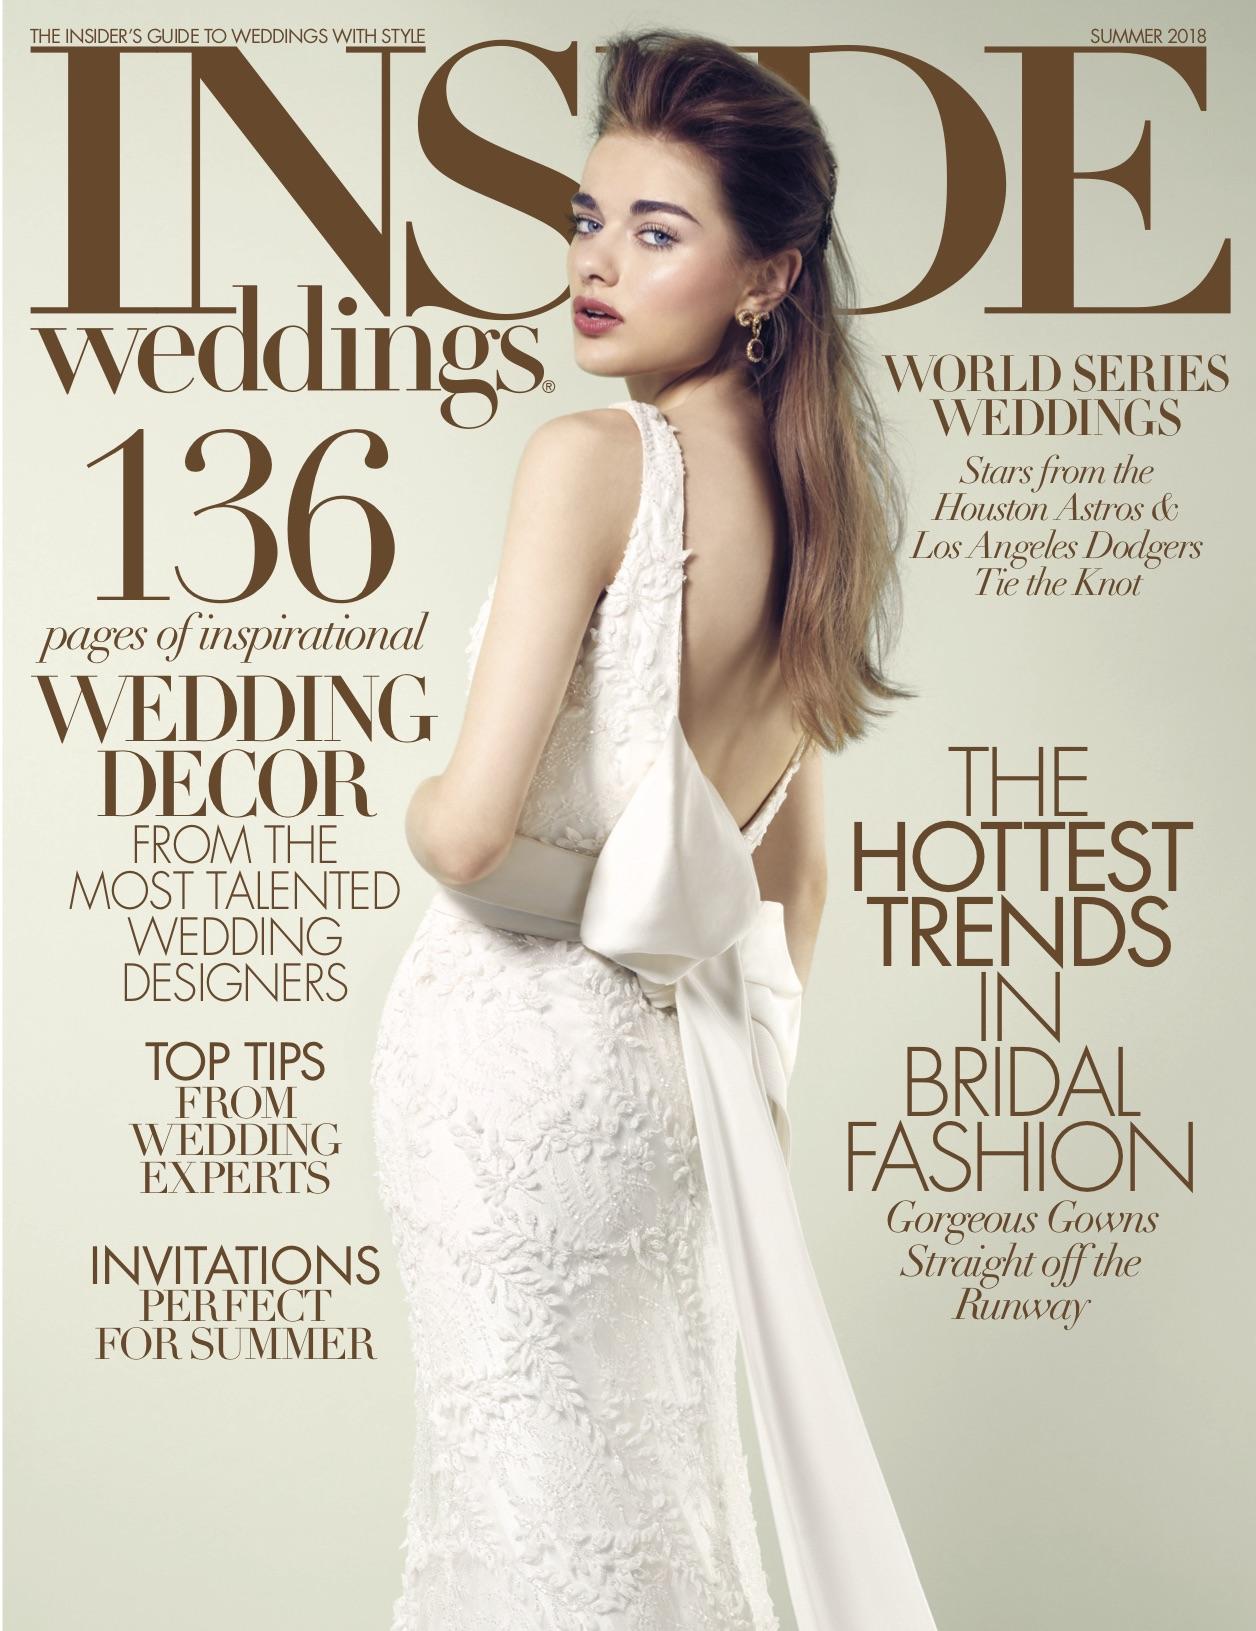 Inside-weddings-cover-magazine.jpg